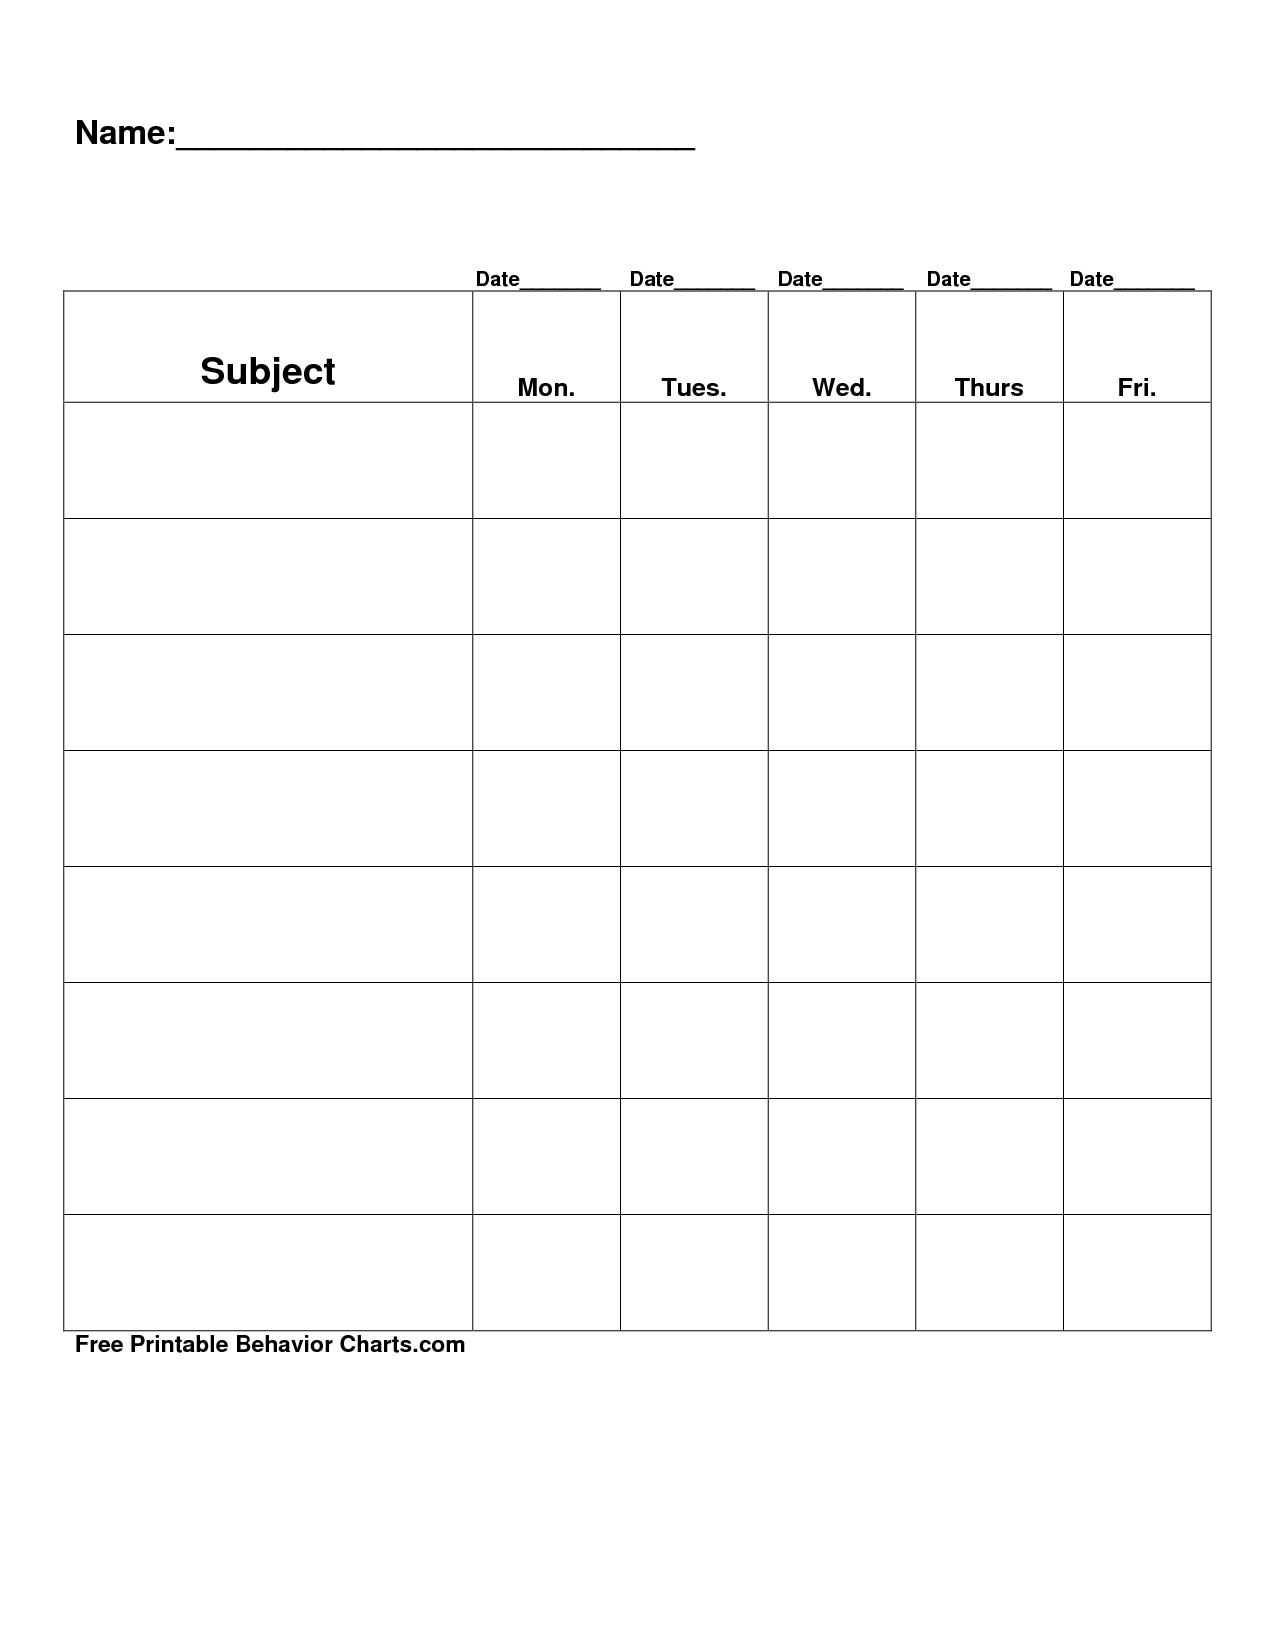 Free Printable Blank Charts | Free Printable Behavior Charts Com for Free Printable Behavior Chart Templates